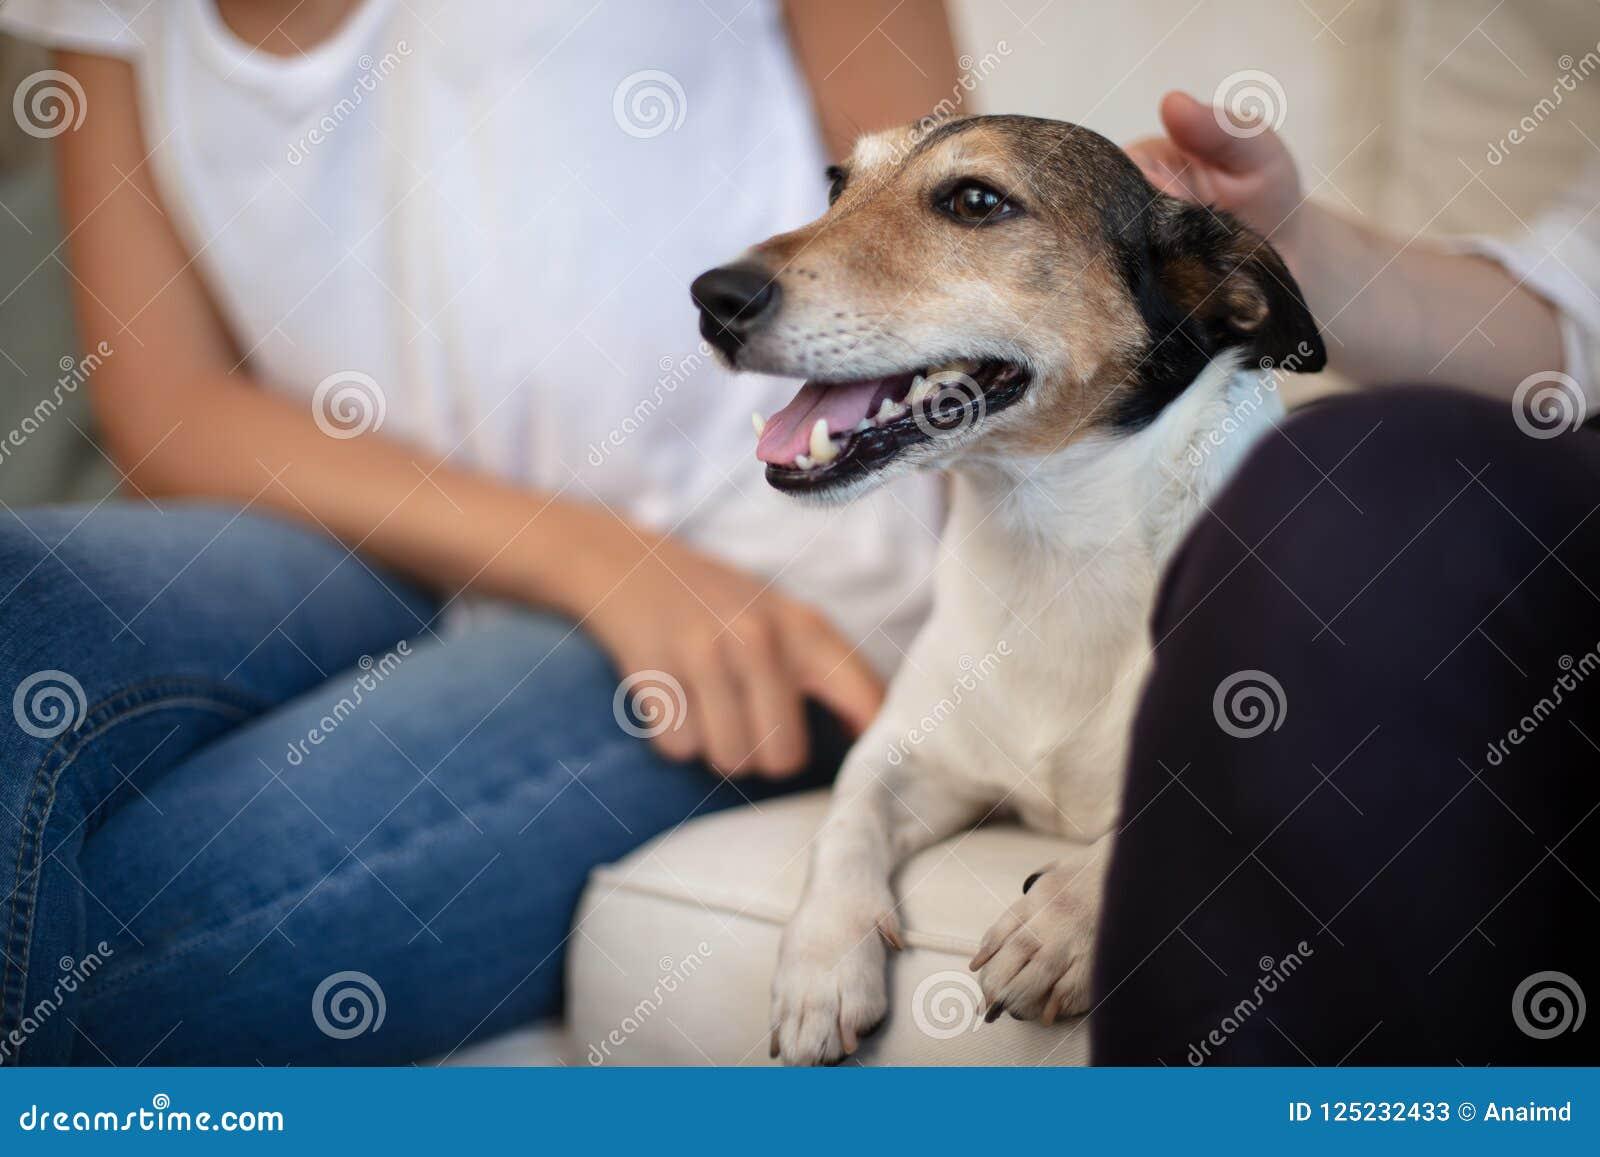 Bortskämd liten hund som tycker om en smekning på soffan